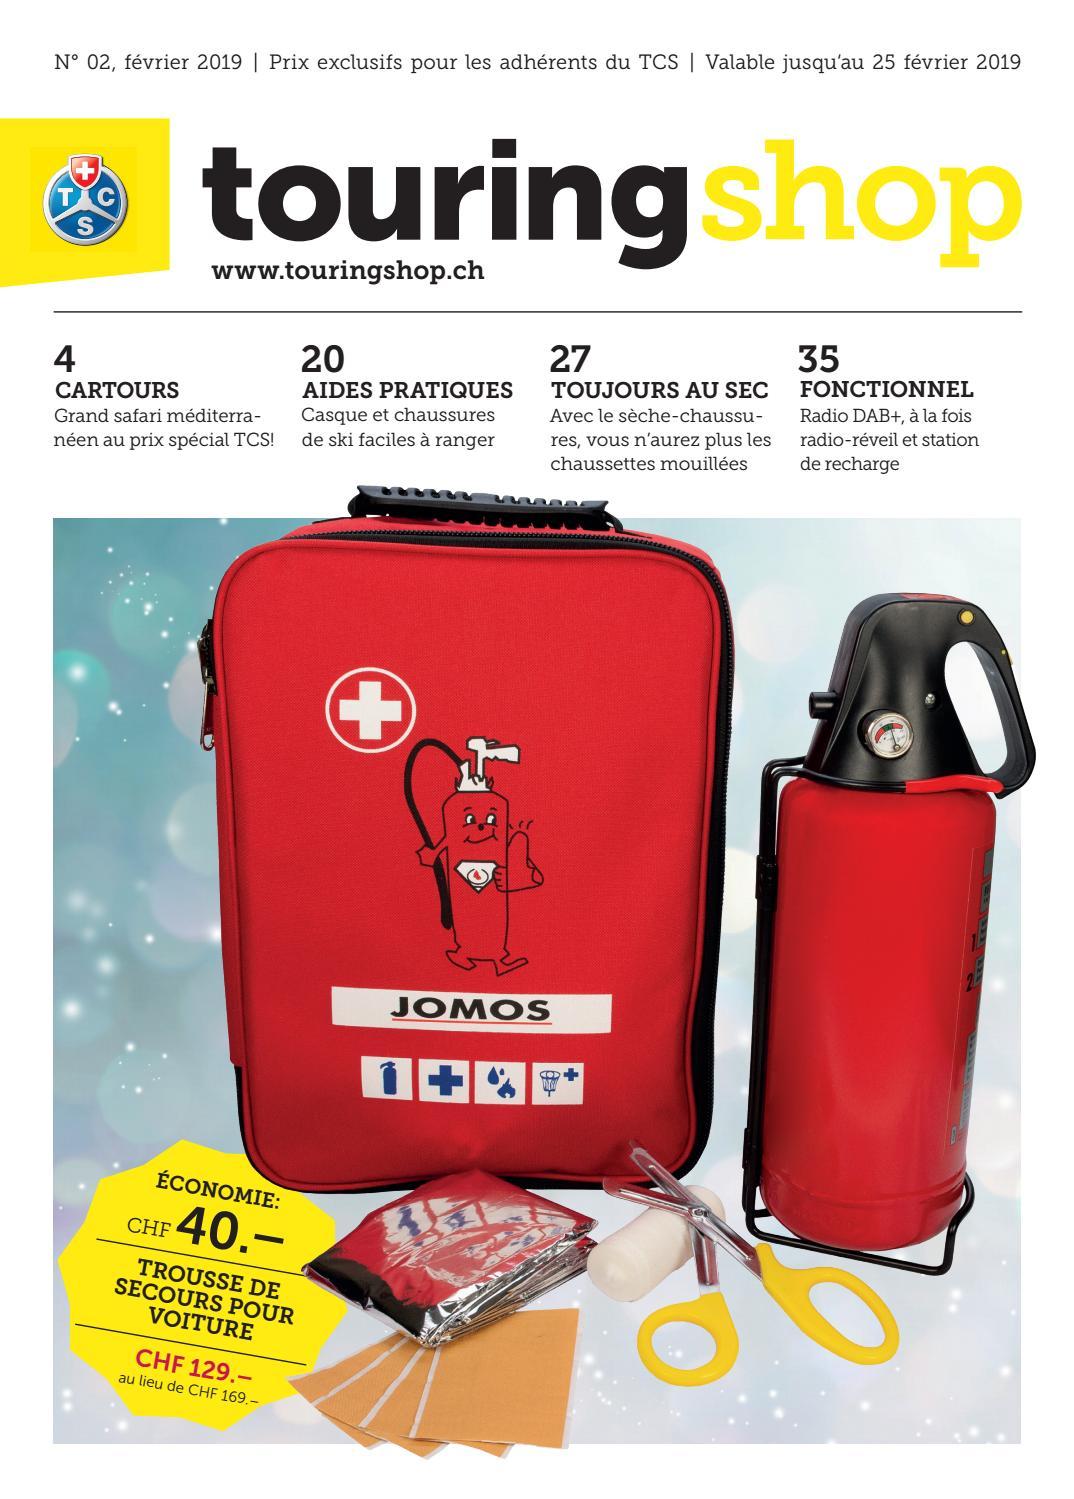 b9f8645bfa724b Touring Shop 02 / 2019 - français by Touring Club Schweiz Suisse Svizzera  Switzerland - issuu